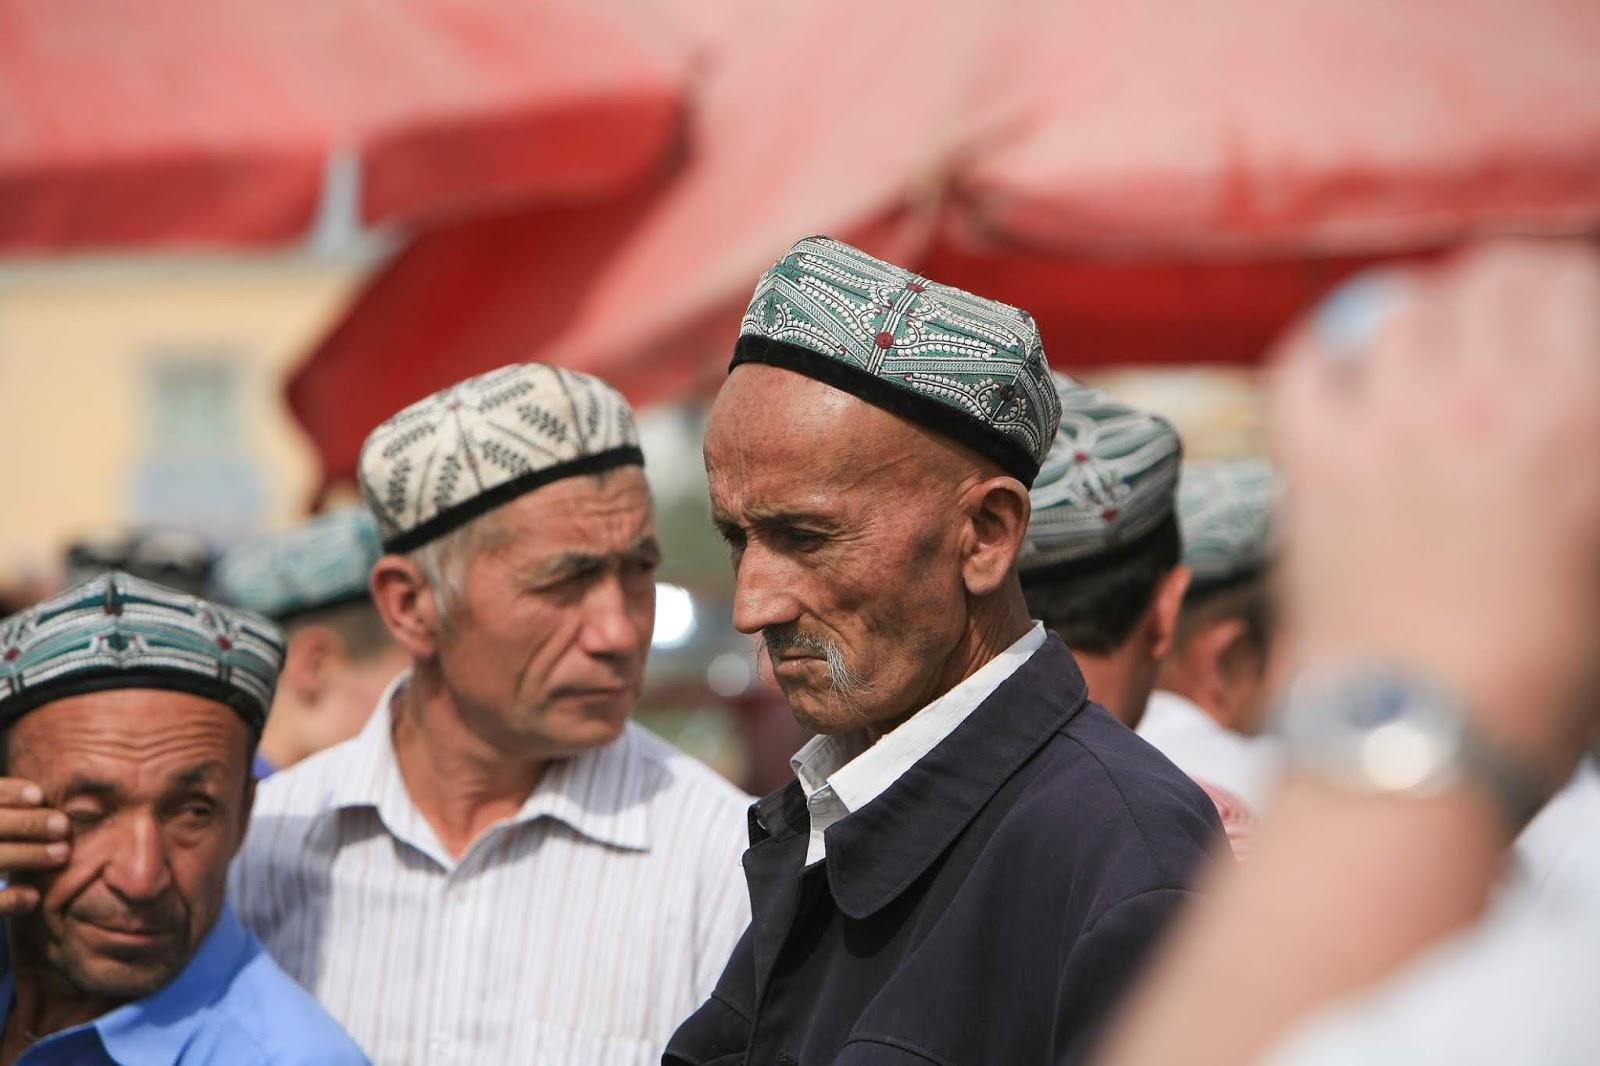 Pemimpin Uighur: Kami Mengalami Genosida Besar-Besaran